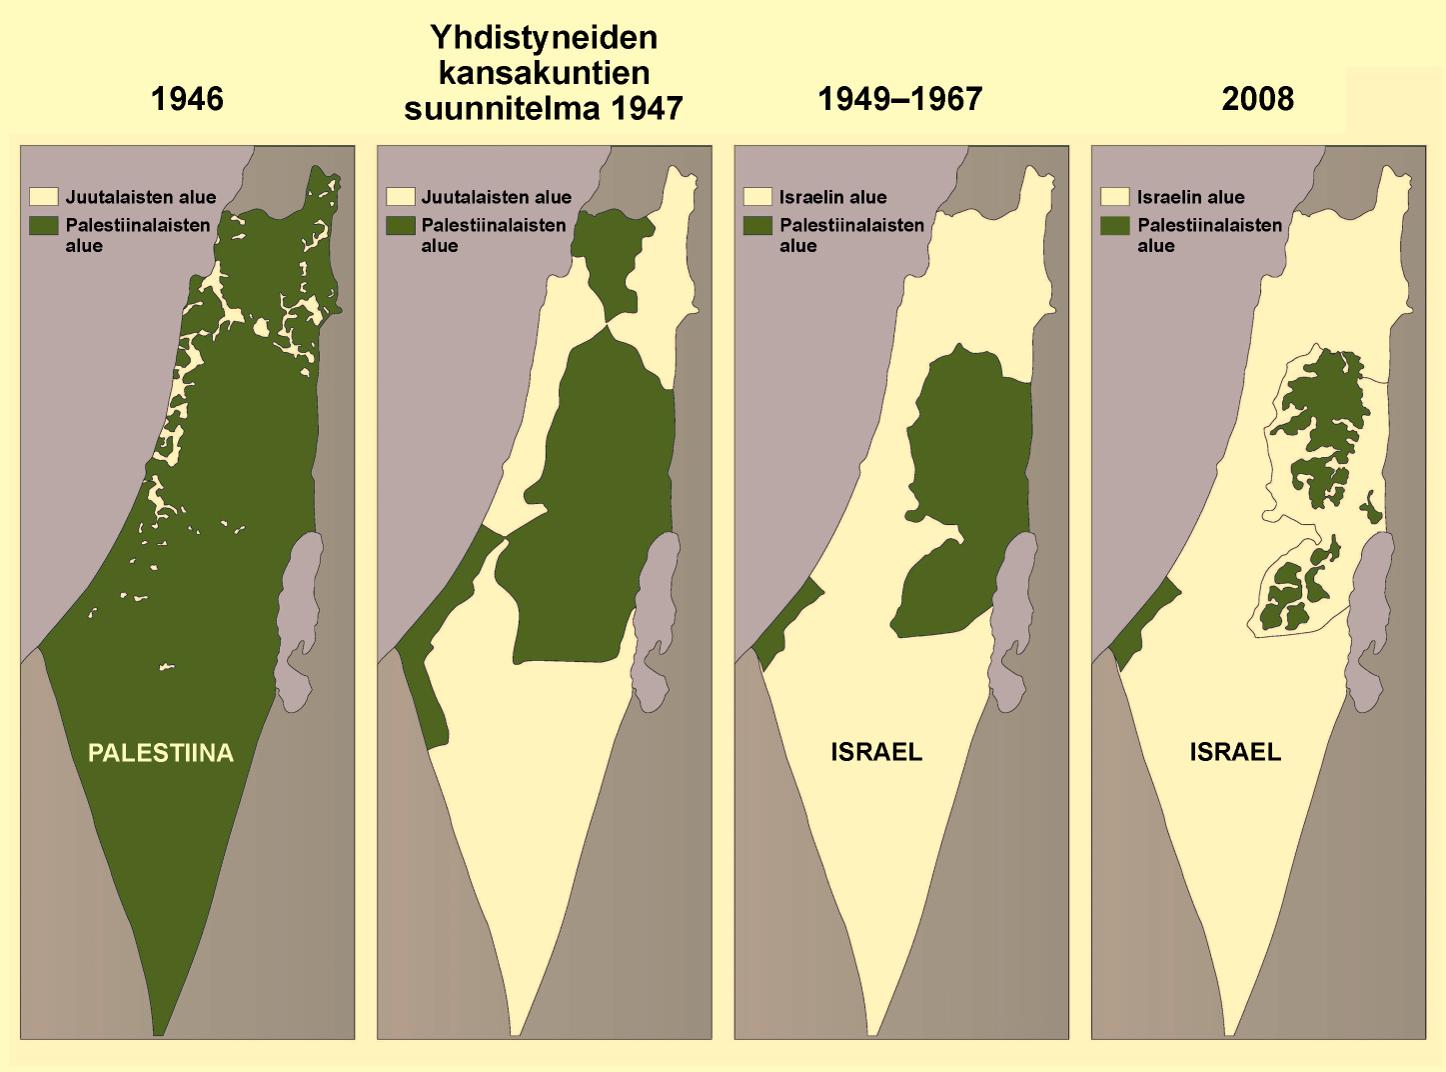 Miksi Syksyn Ylioppilaskoe Vaaristelee Israelin Historiaa